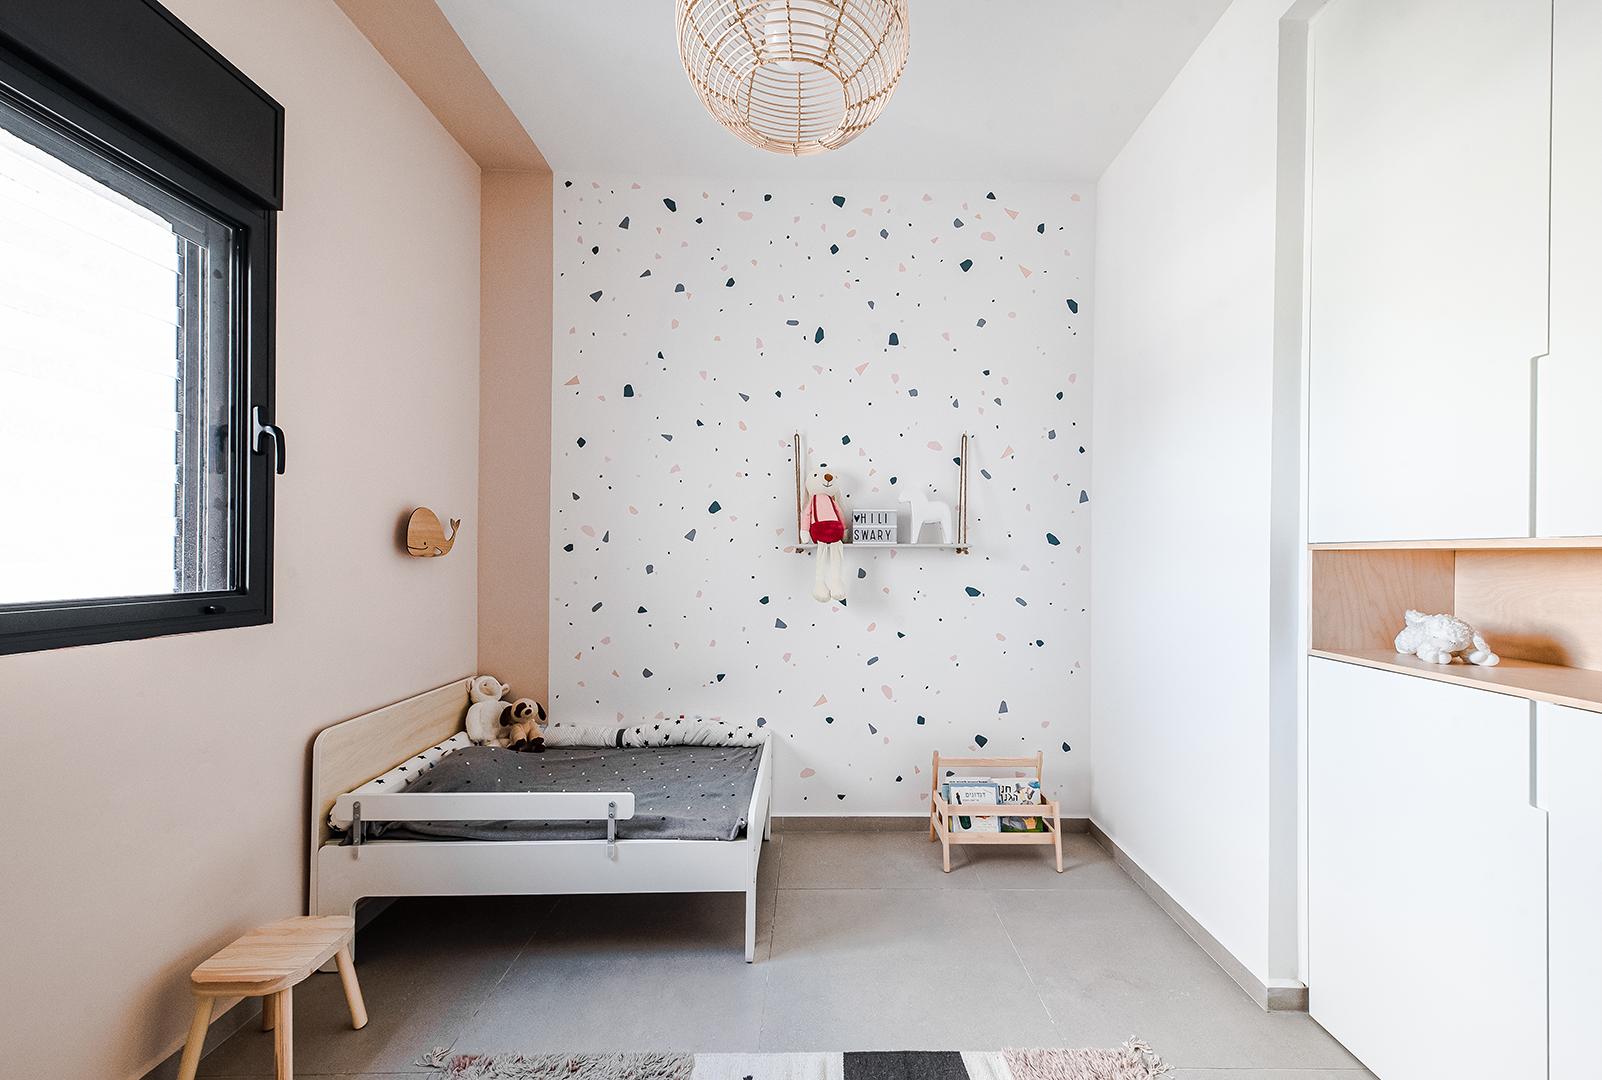 עיצוב חדר ילדים נורדי